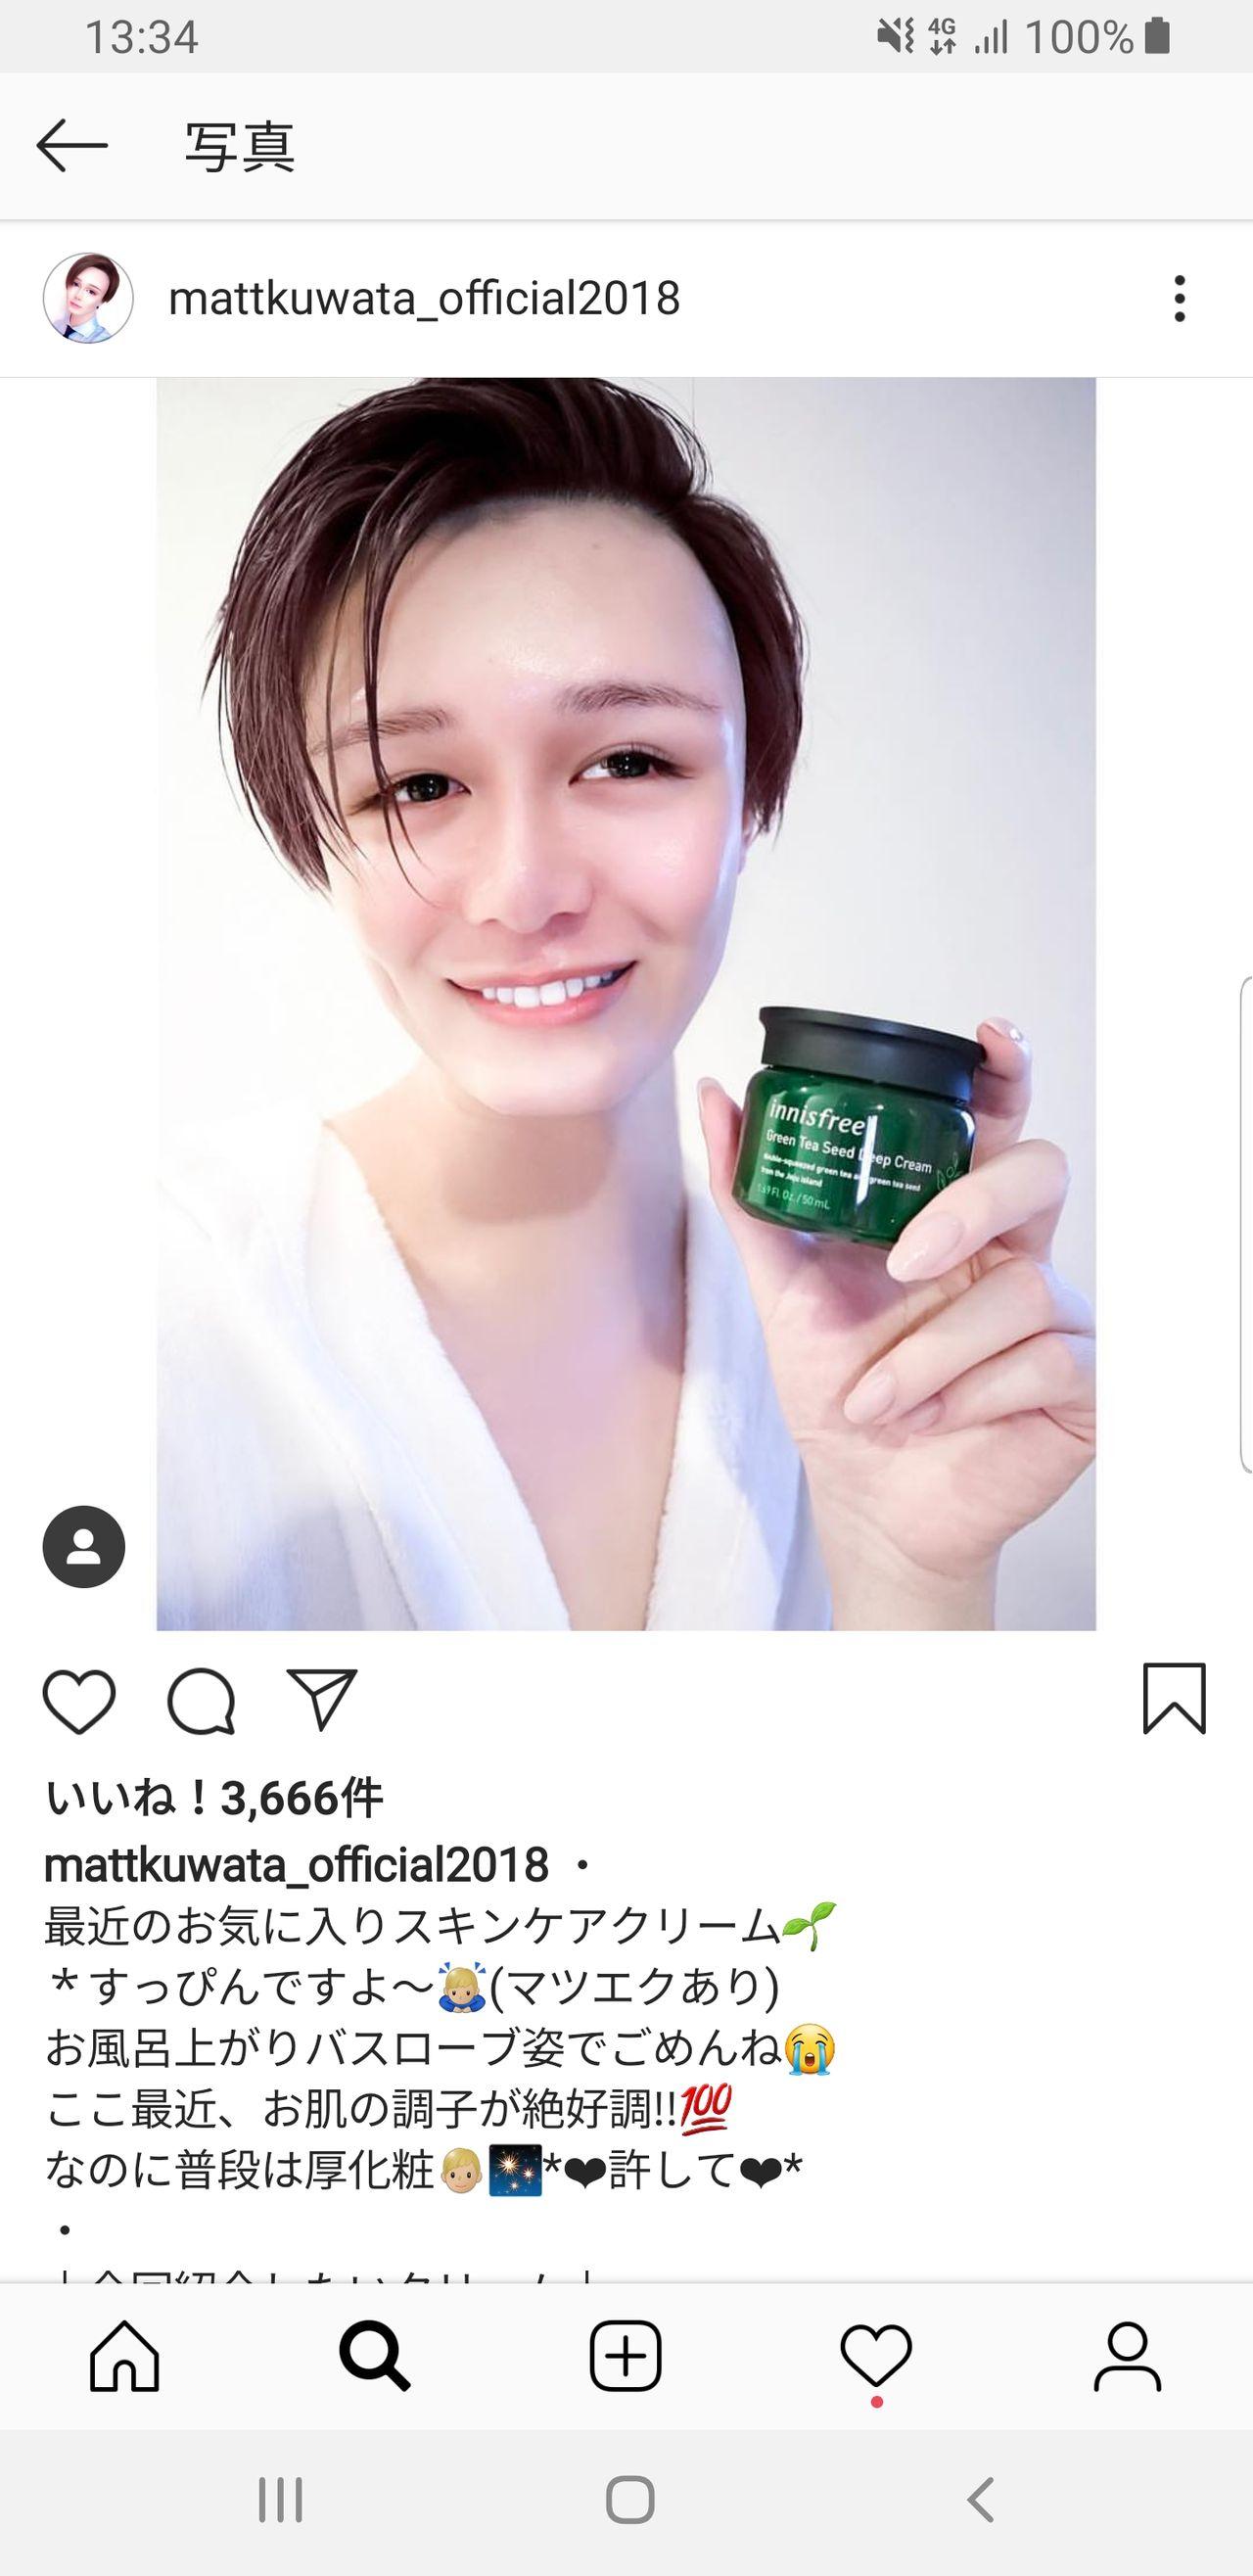 桑田の息子Matt、再びすっぴんを公開!化粧は神々しい美しさを隠す為の物だった!